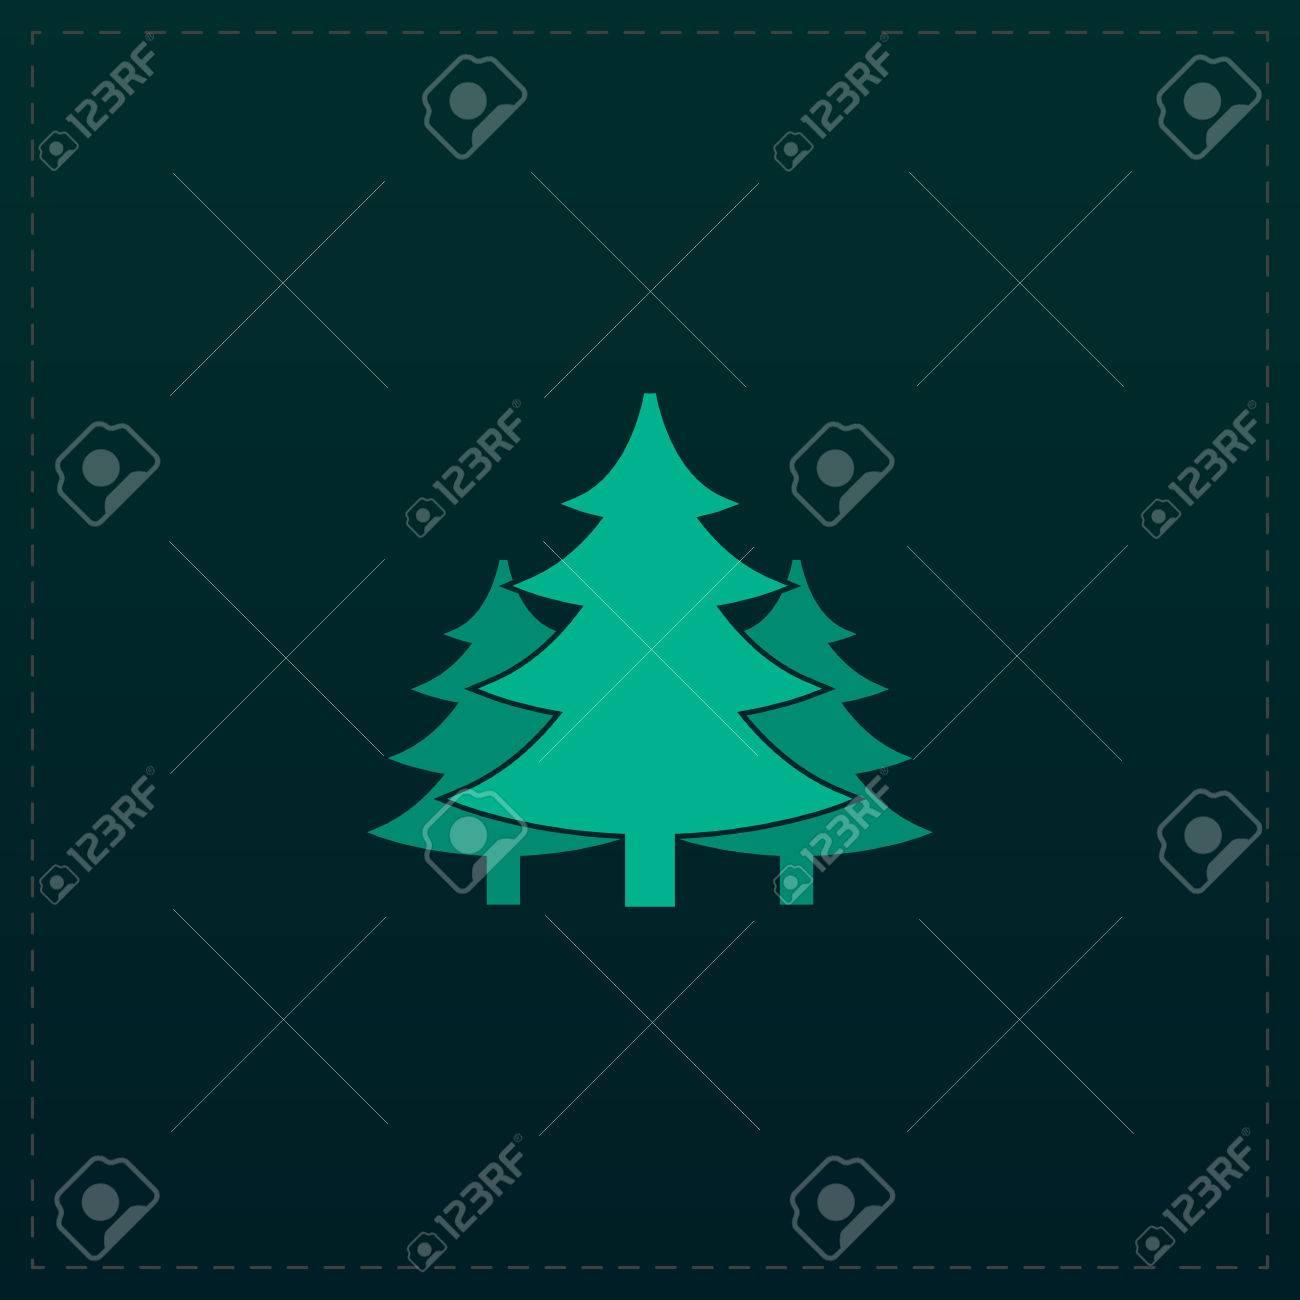 Arbre Sapin De Noël Icône De Symbole De Couleur Sur Fond Noir